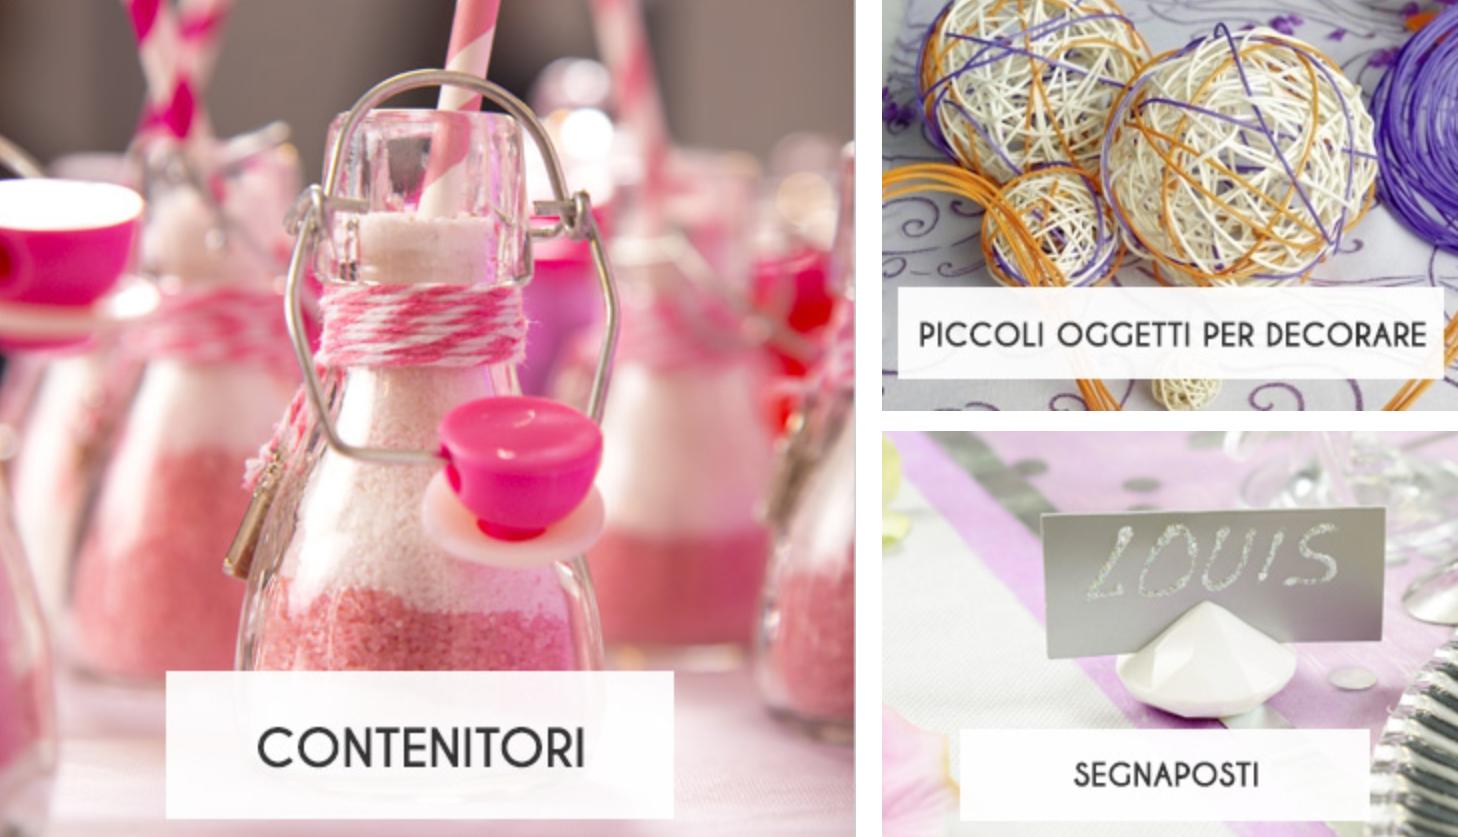 Decorazioni Per Feste Di Compleanno Roma : Le decorazioni per la feste di compleanno? si comprano online